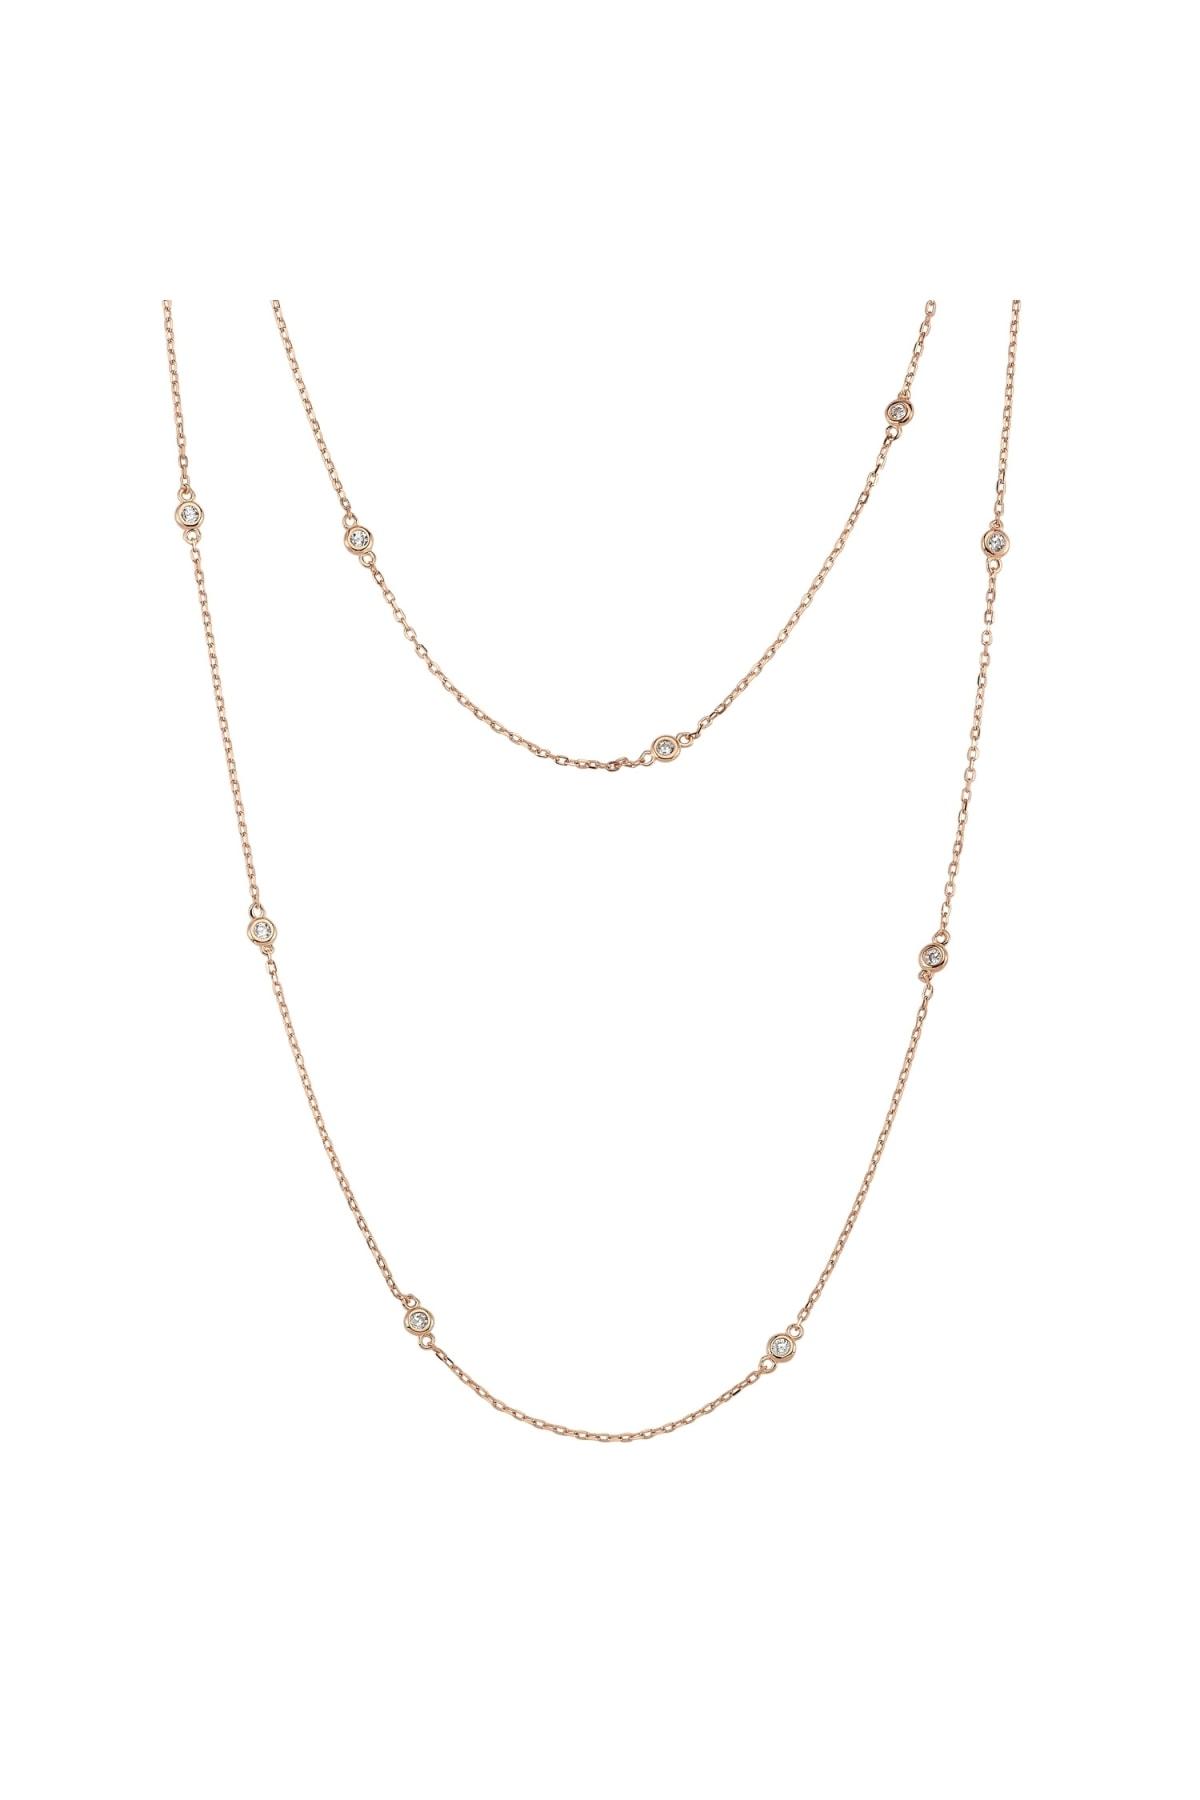 Altın Sepeti Rose Gümüş Dolamalı Zincir Uzun Kolye